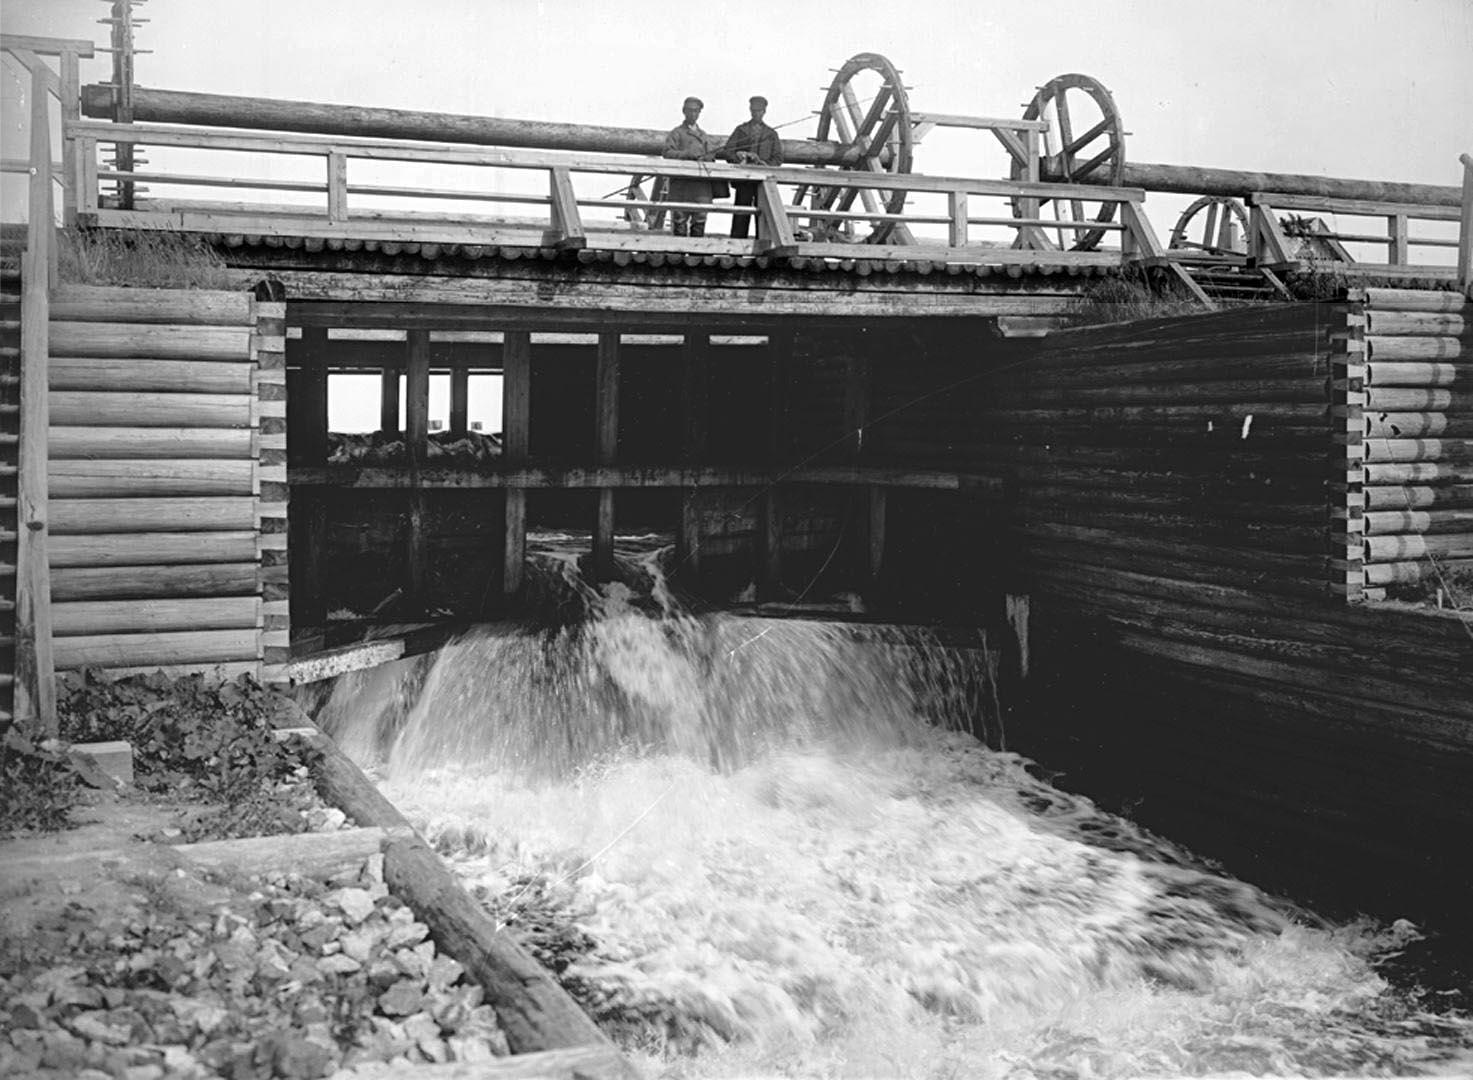 26Второй пролет бейшлота на реке Волге. 1903 г. Тверская губерния, д. Хотошино